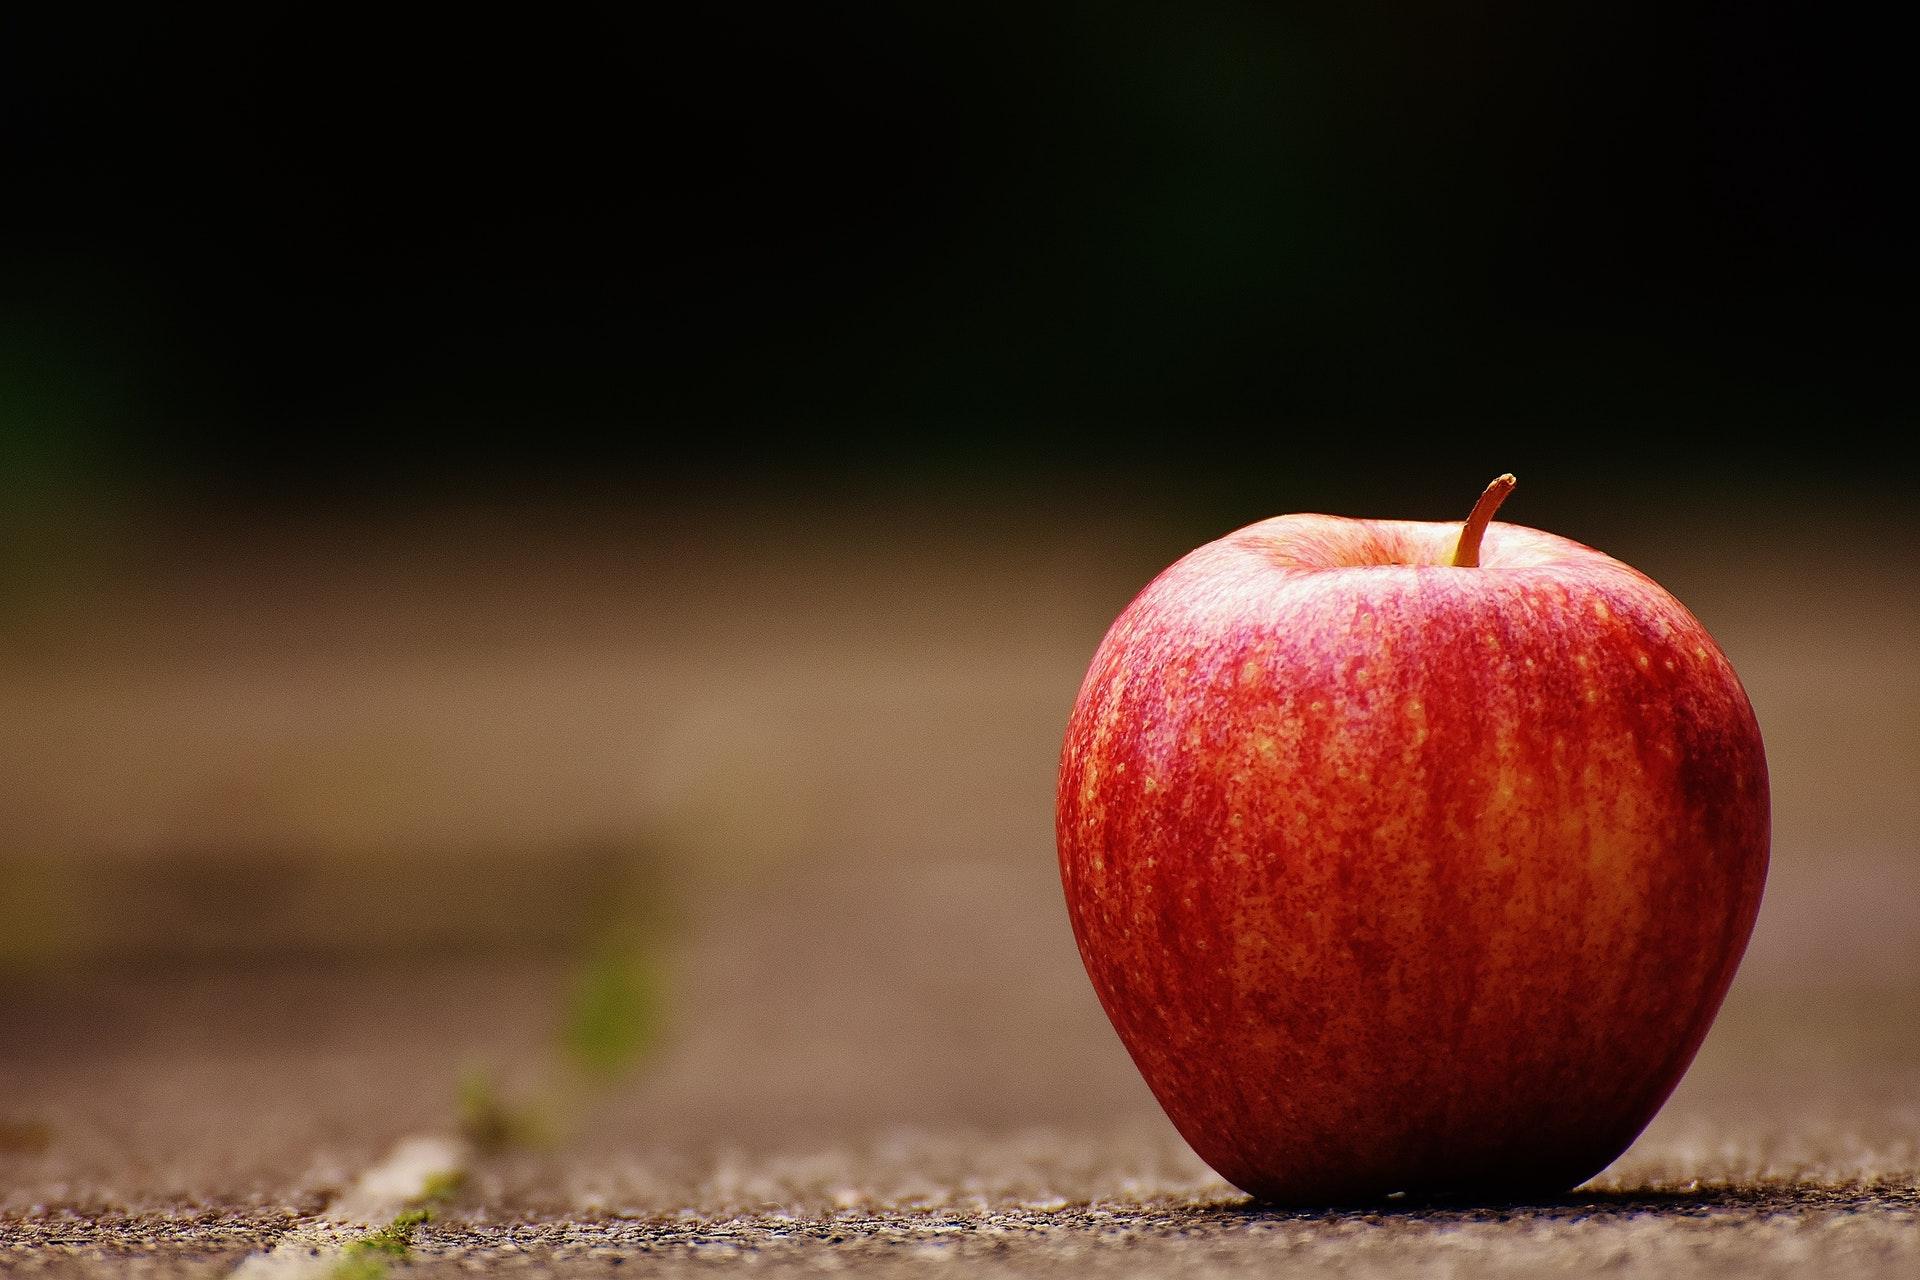 Traitements des aliments : Croquer ou ne pas croquer la pomme? reportage d'Envoye Special